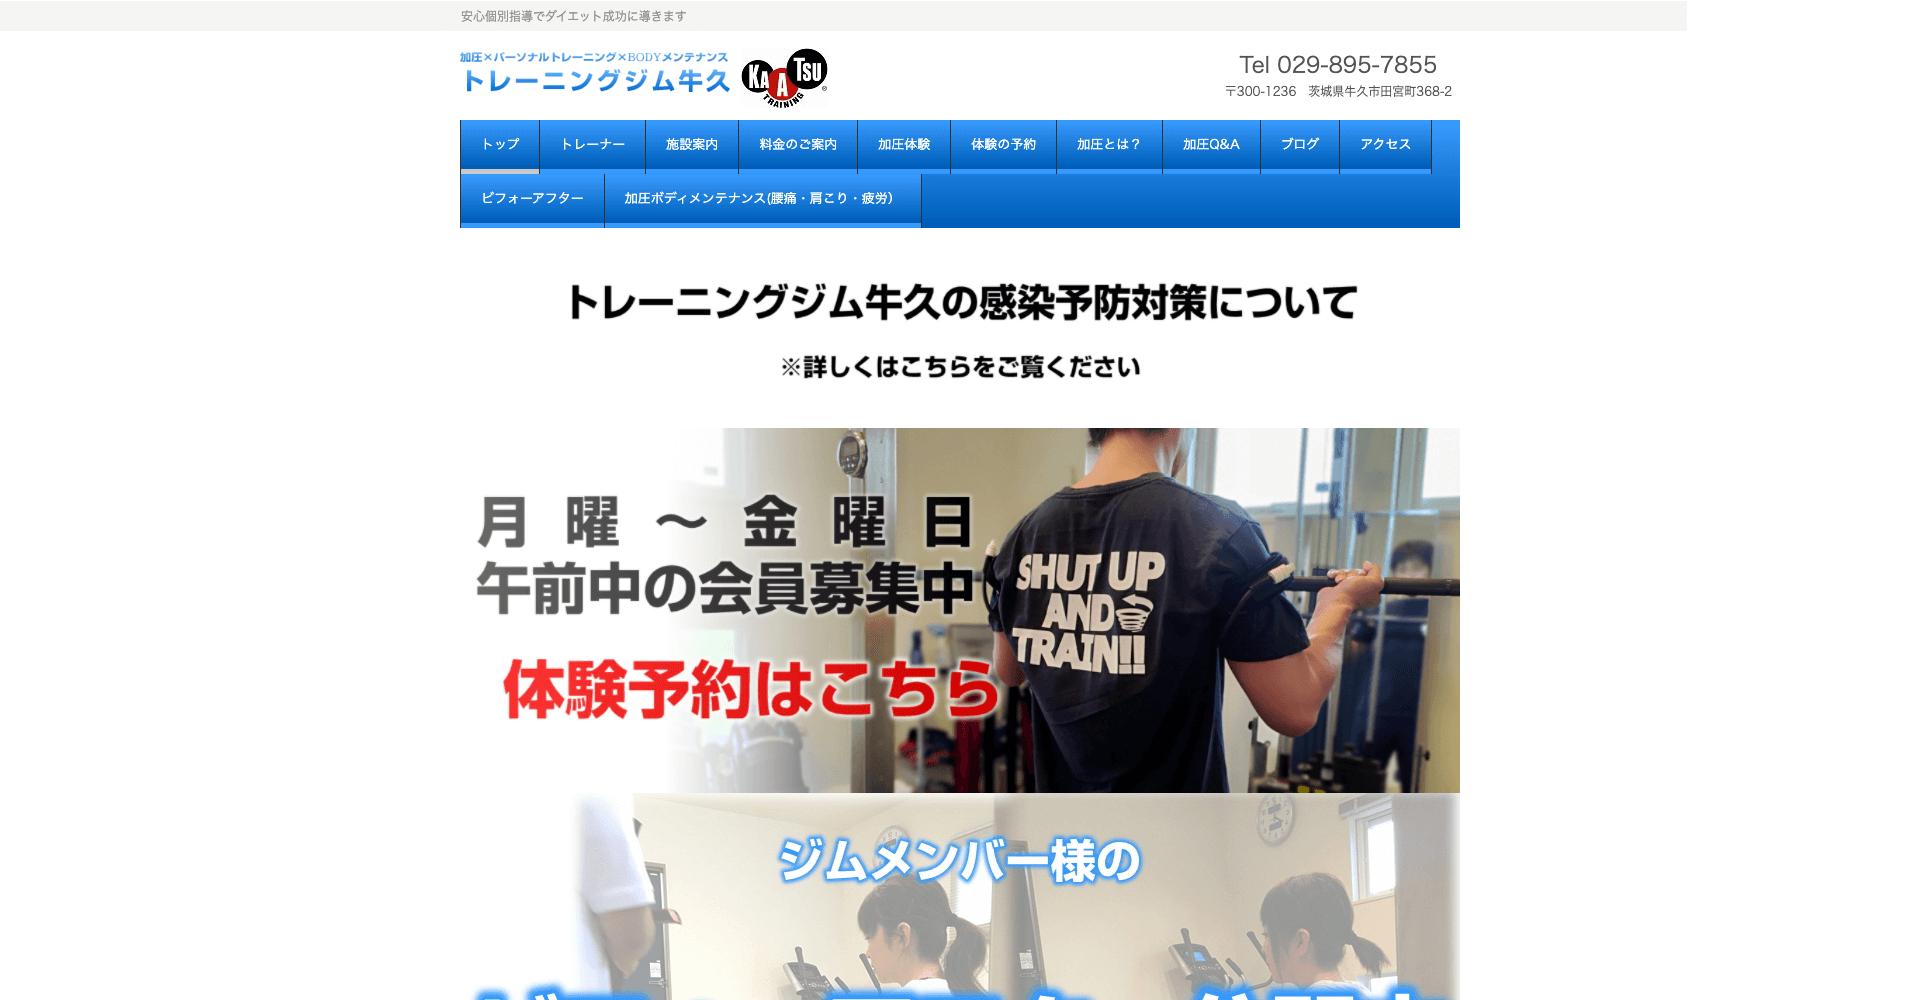 トレーニングジム牛久 【加圧×パーソナルトレーニング】